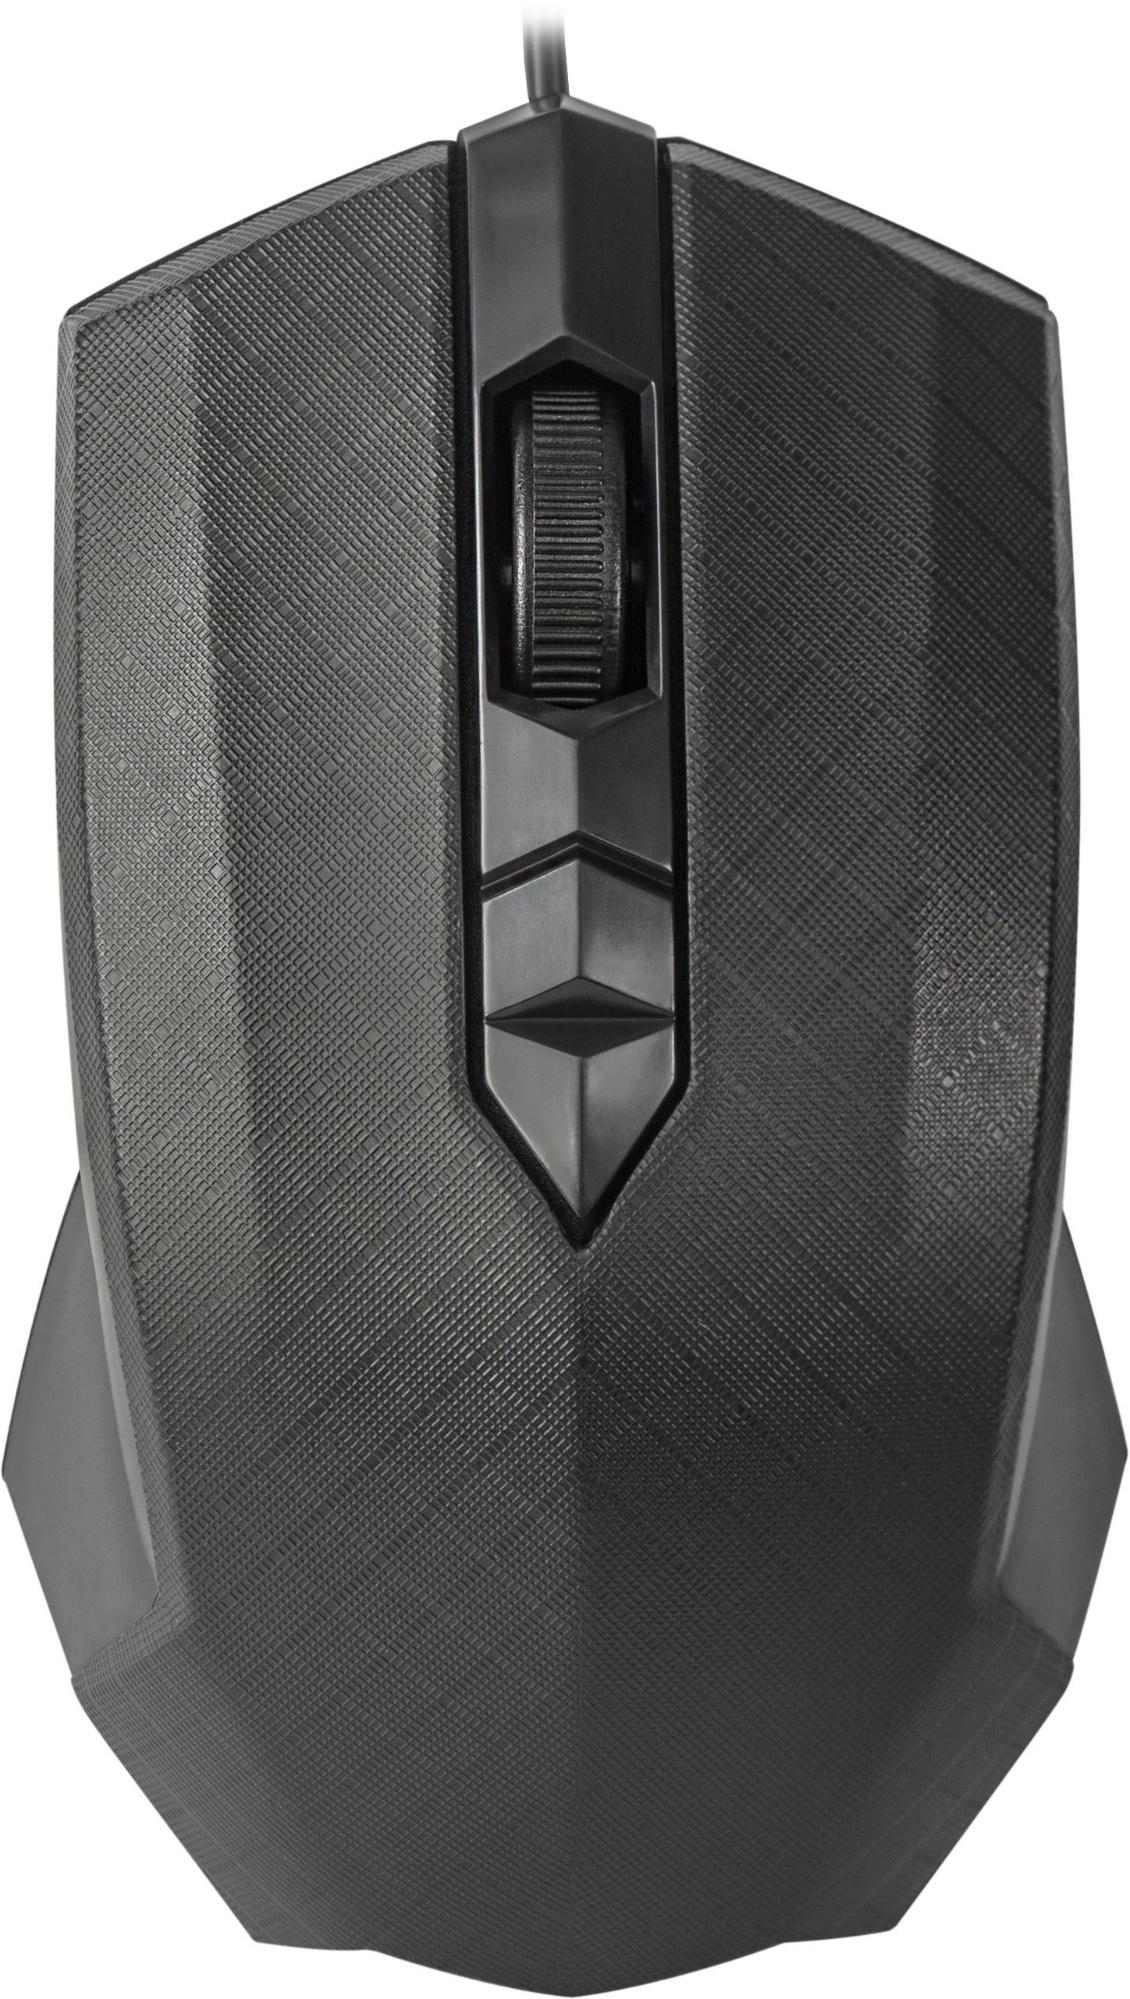 Проводная оптическая мышь Defender Guide MB-751 черный,3 кнопки,1000 dpi